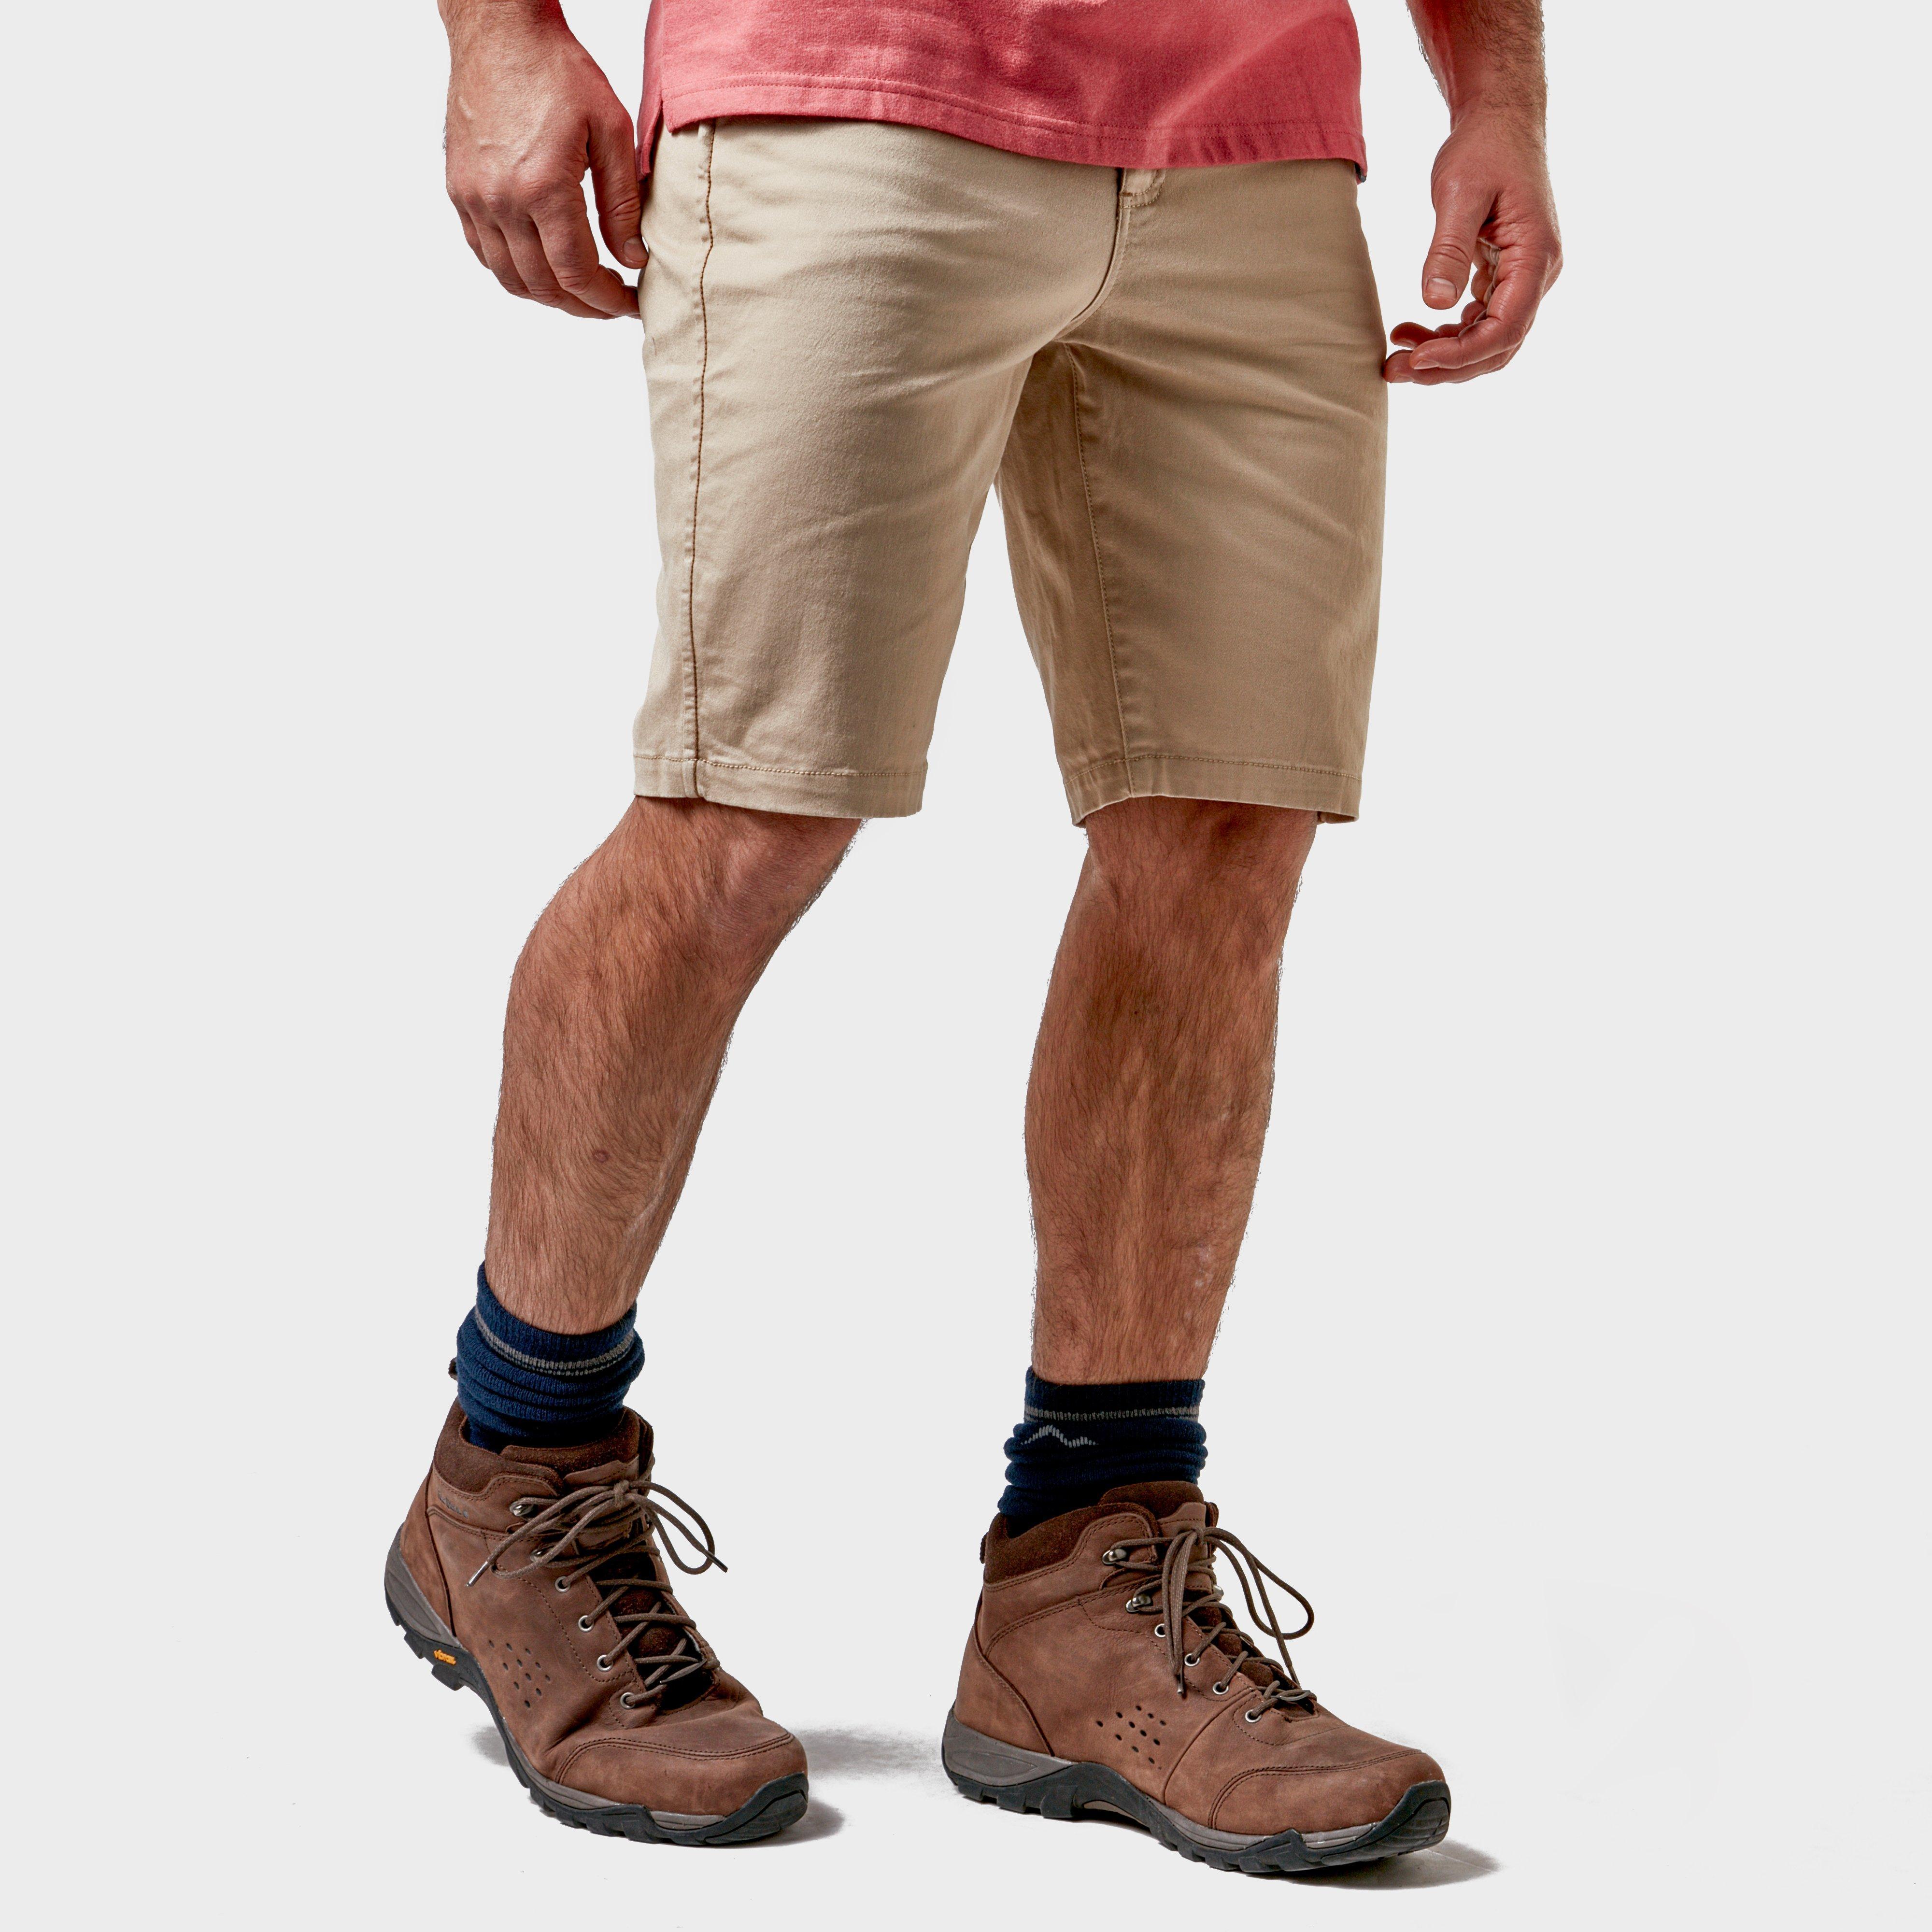 Regatta Men's Salvator Shorts - Beige/Sto, Beige